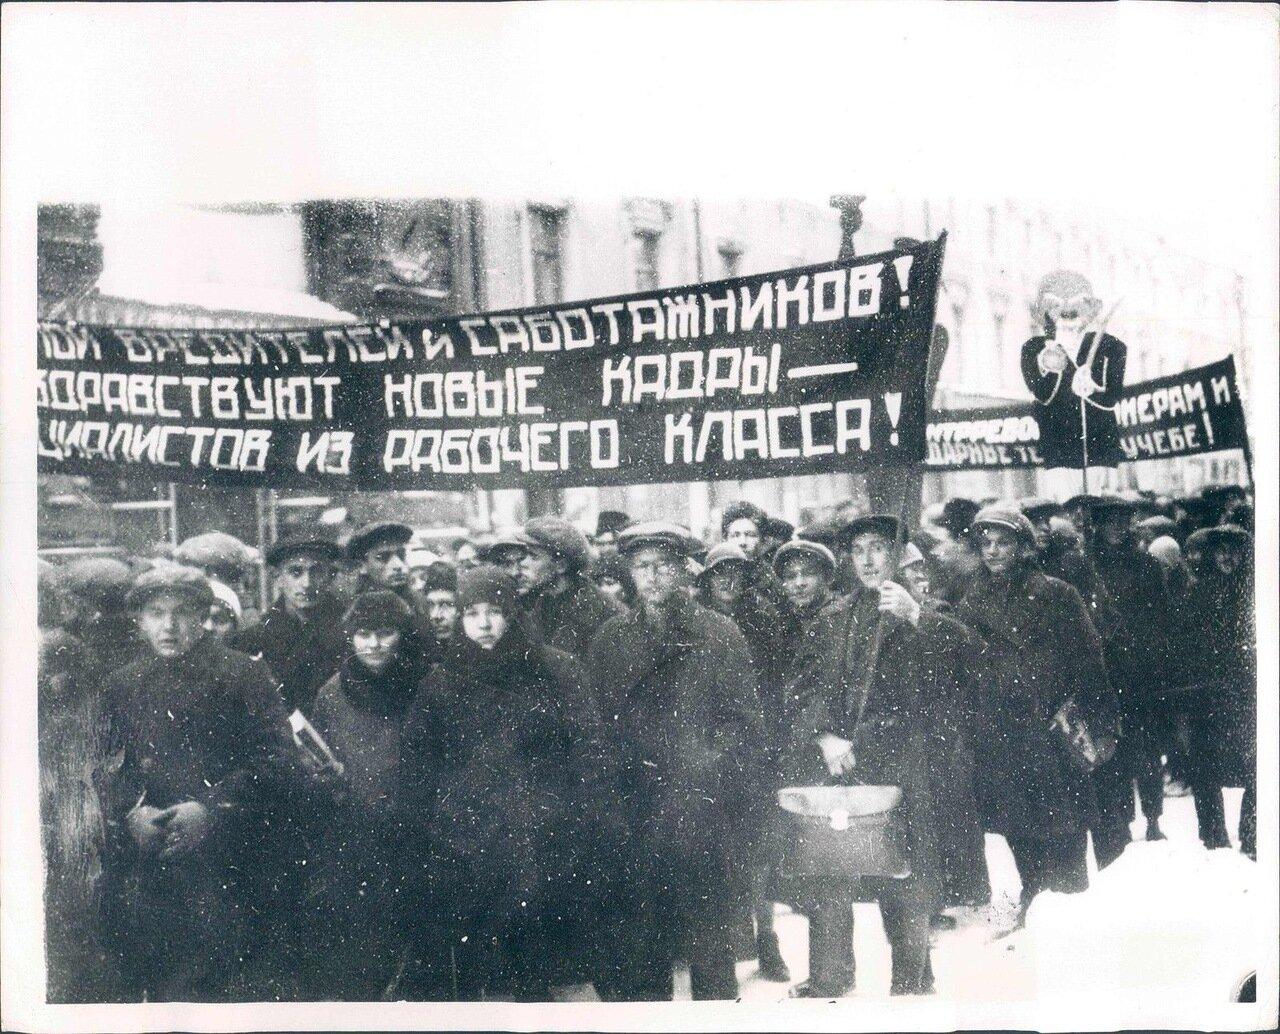 1930. Москва. Демонстрация в поддержку суда над инженерами